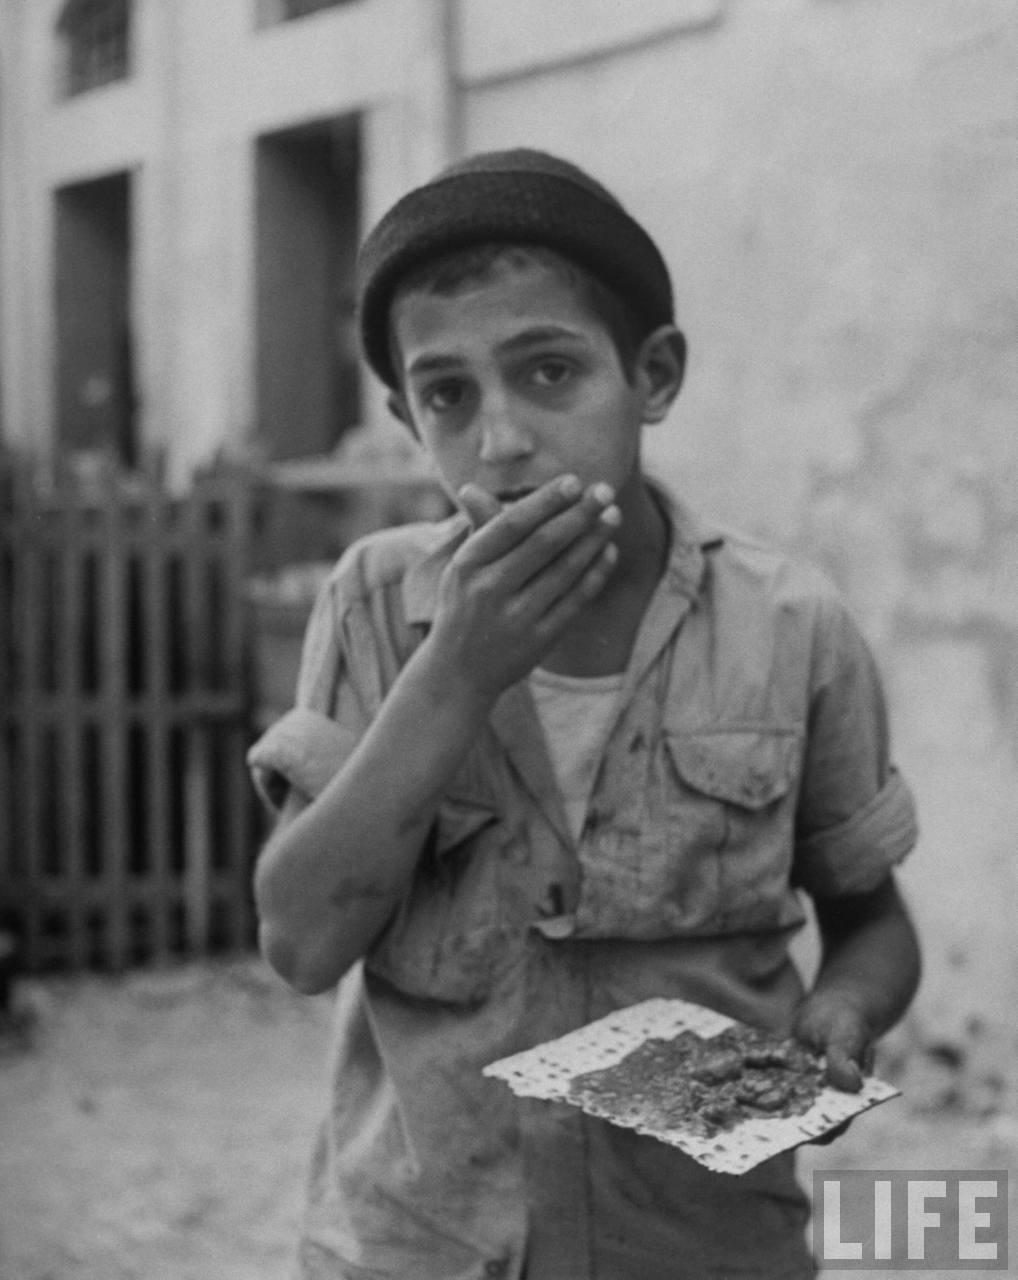 Еврейский мальчик ест мацу, Иерусалим, июнь